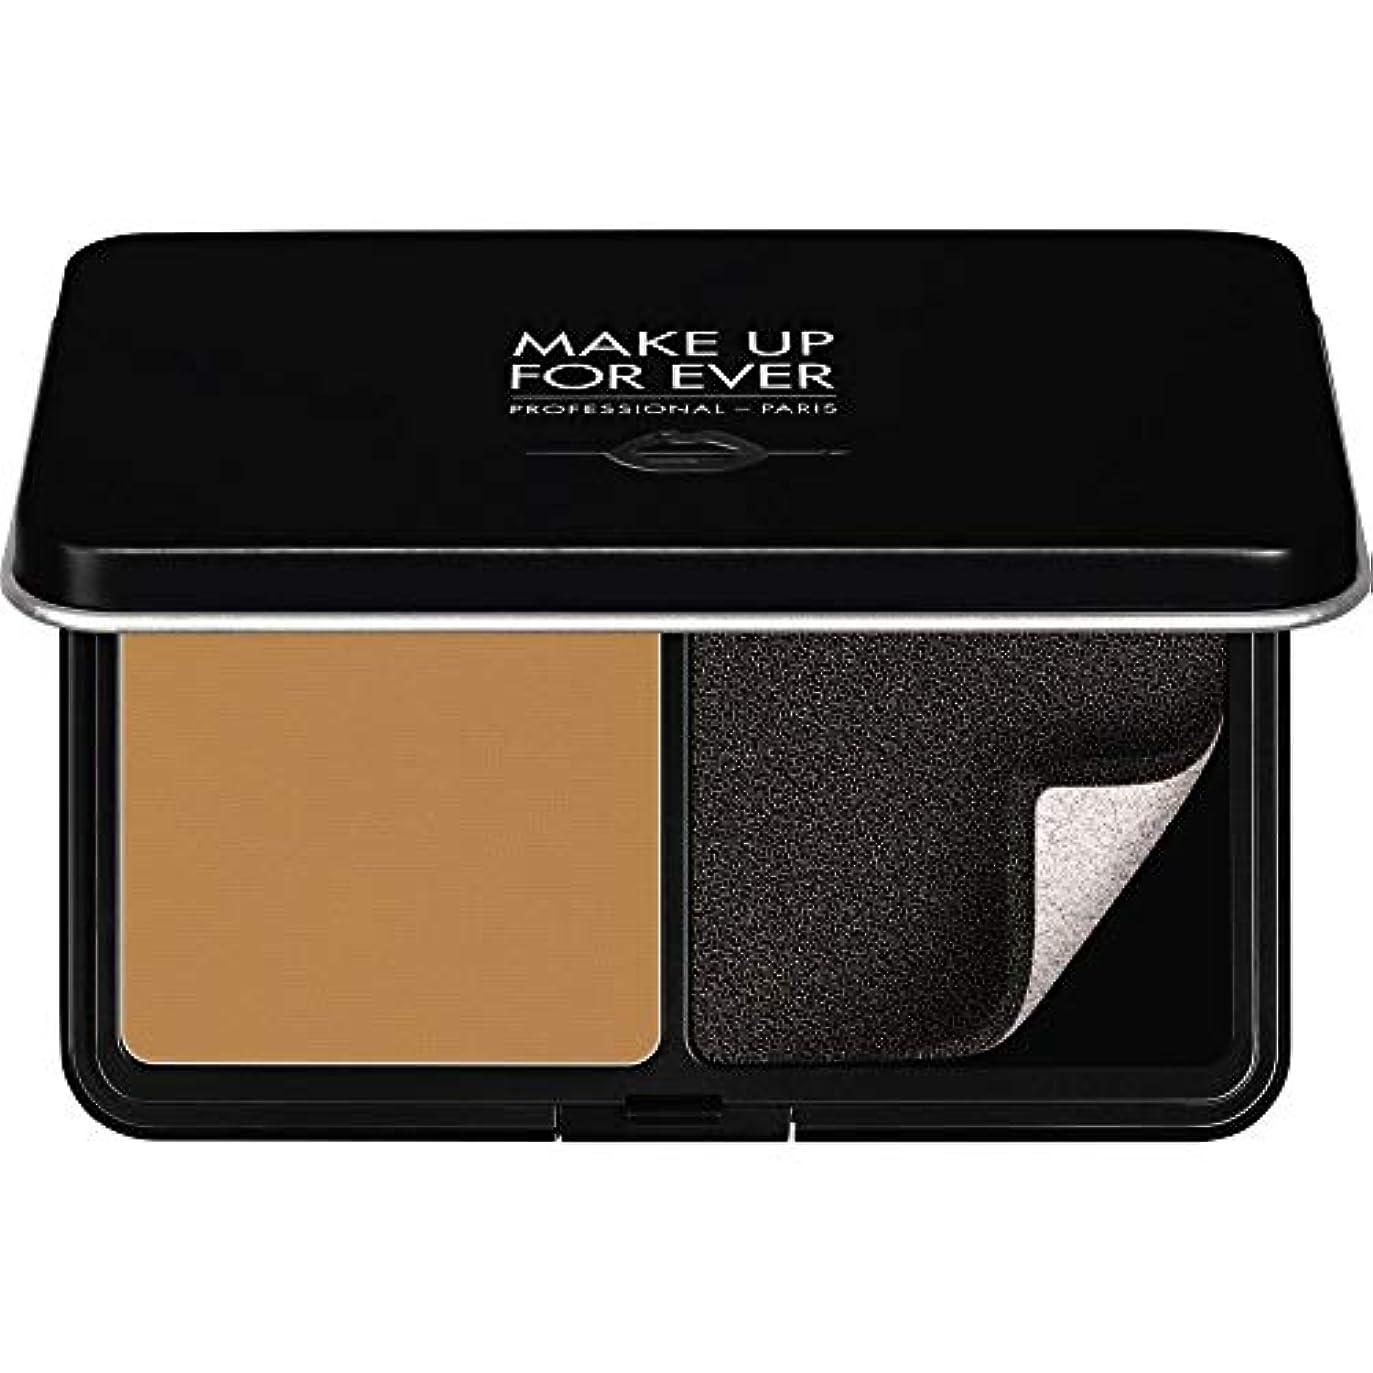 ふつうグローブ弾力性のある[MAKE UP FOR EVER ] パウダーファンデーション11GののY455をぼかし、これまでマットベルベットの肌を補う - プラリネ - MAKE UP FOR EVER Matte Velvet Skin Blurring...